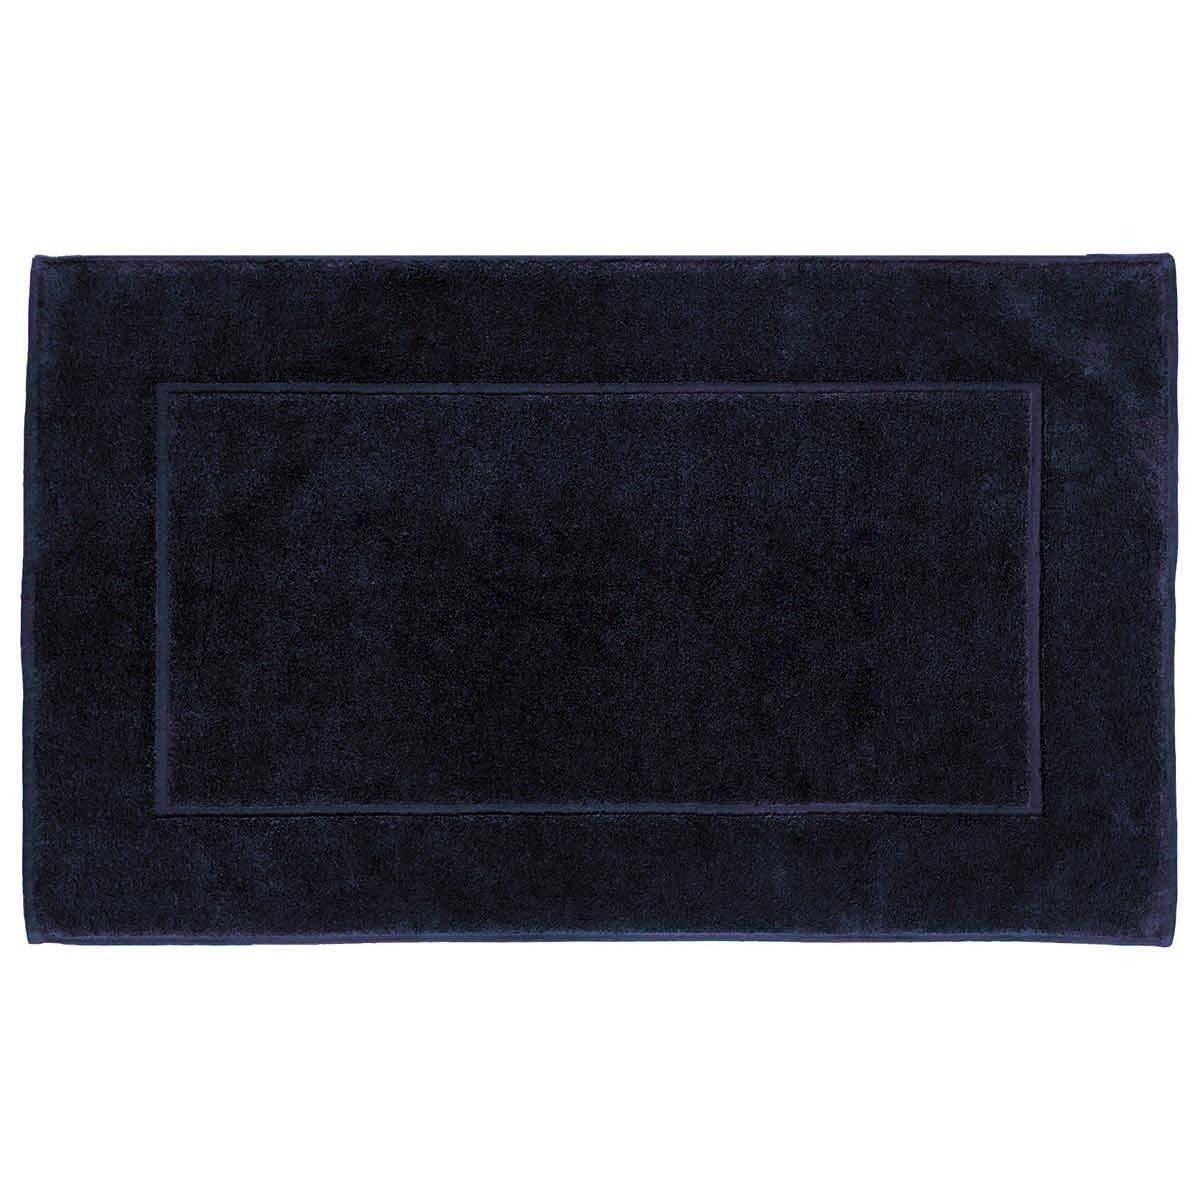 SENSOFT - Tapis de bain 60x100cm 1000gr/m²  Bleu Nuit